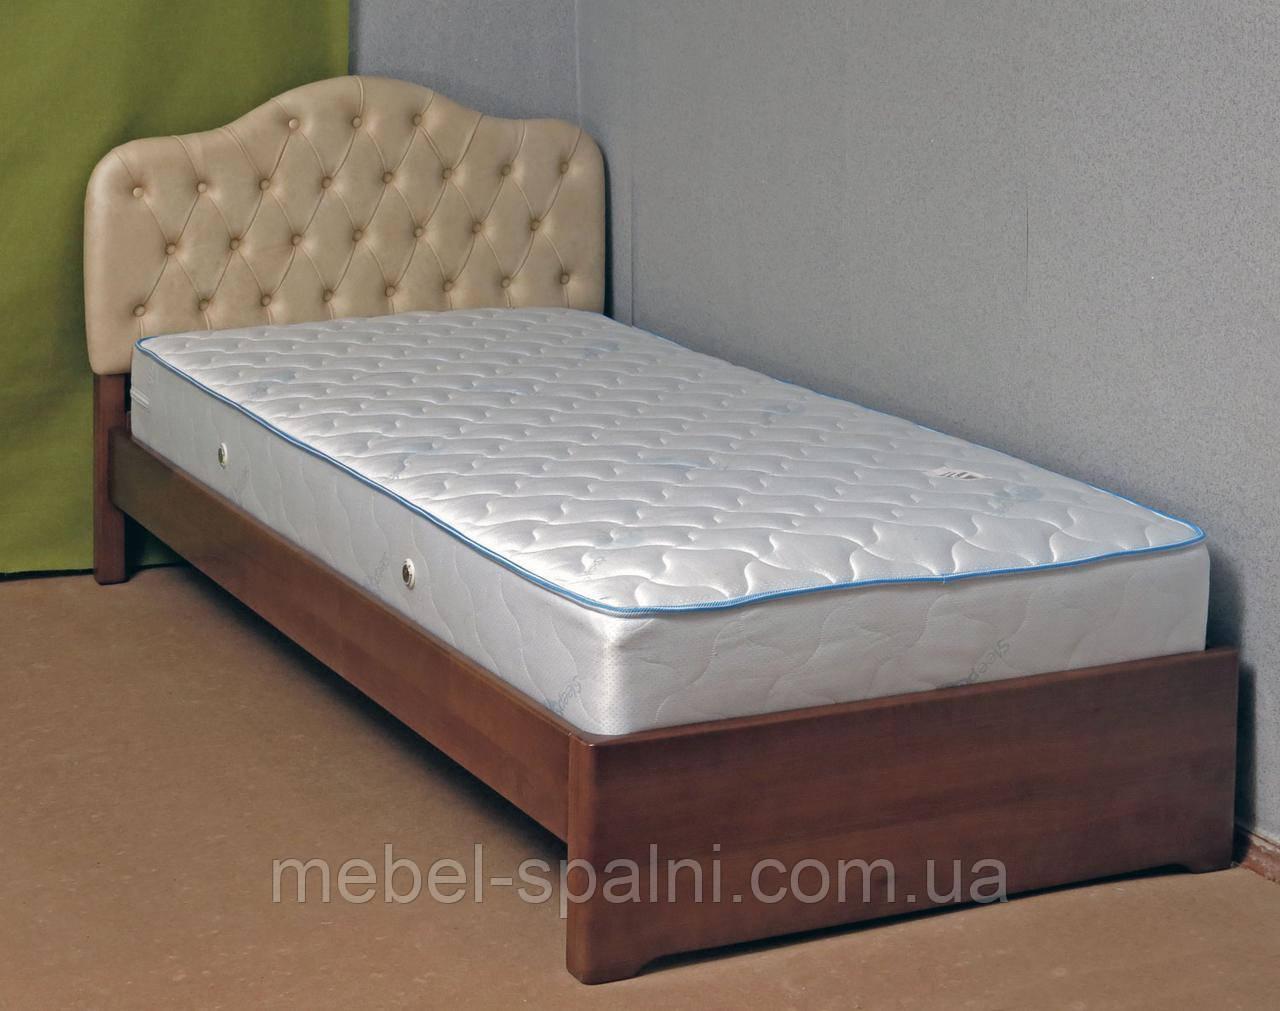 Кровать подростковая детская 120Х200 «Диана» с ящиками белая из дерева от производителя